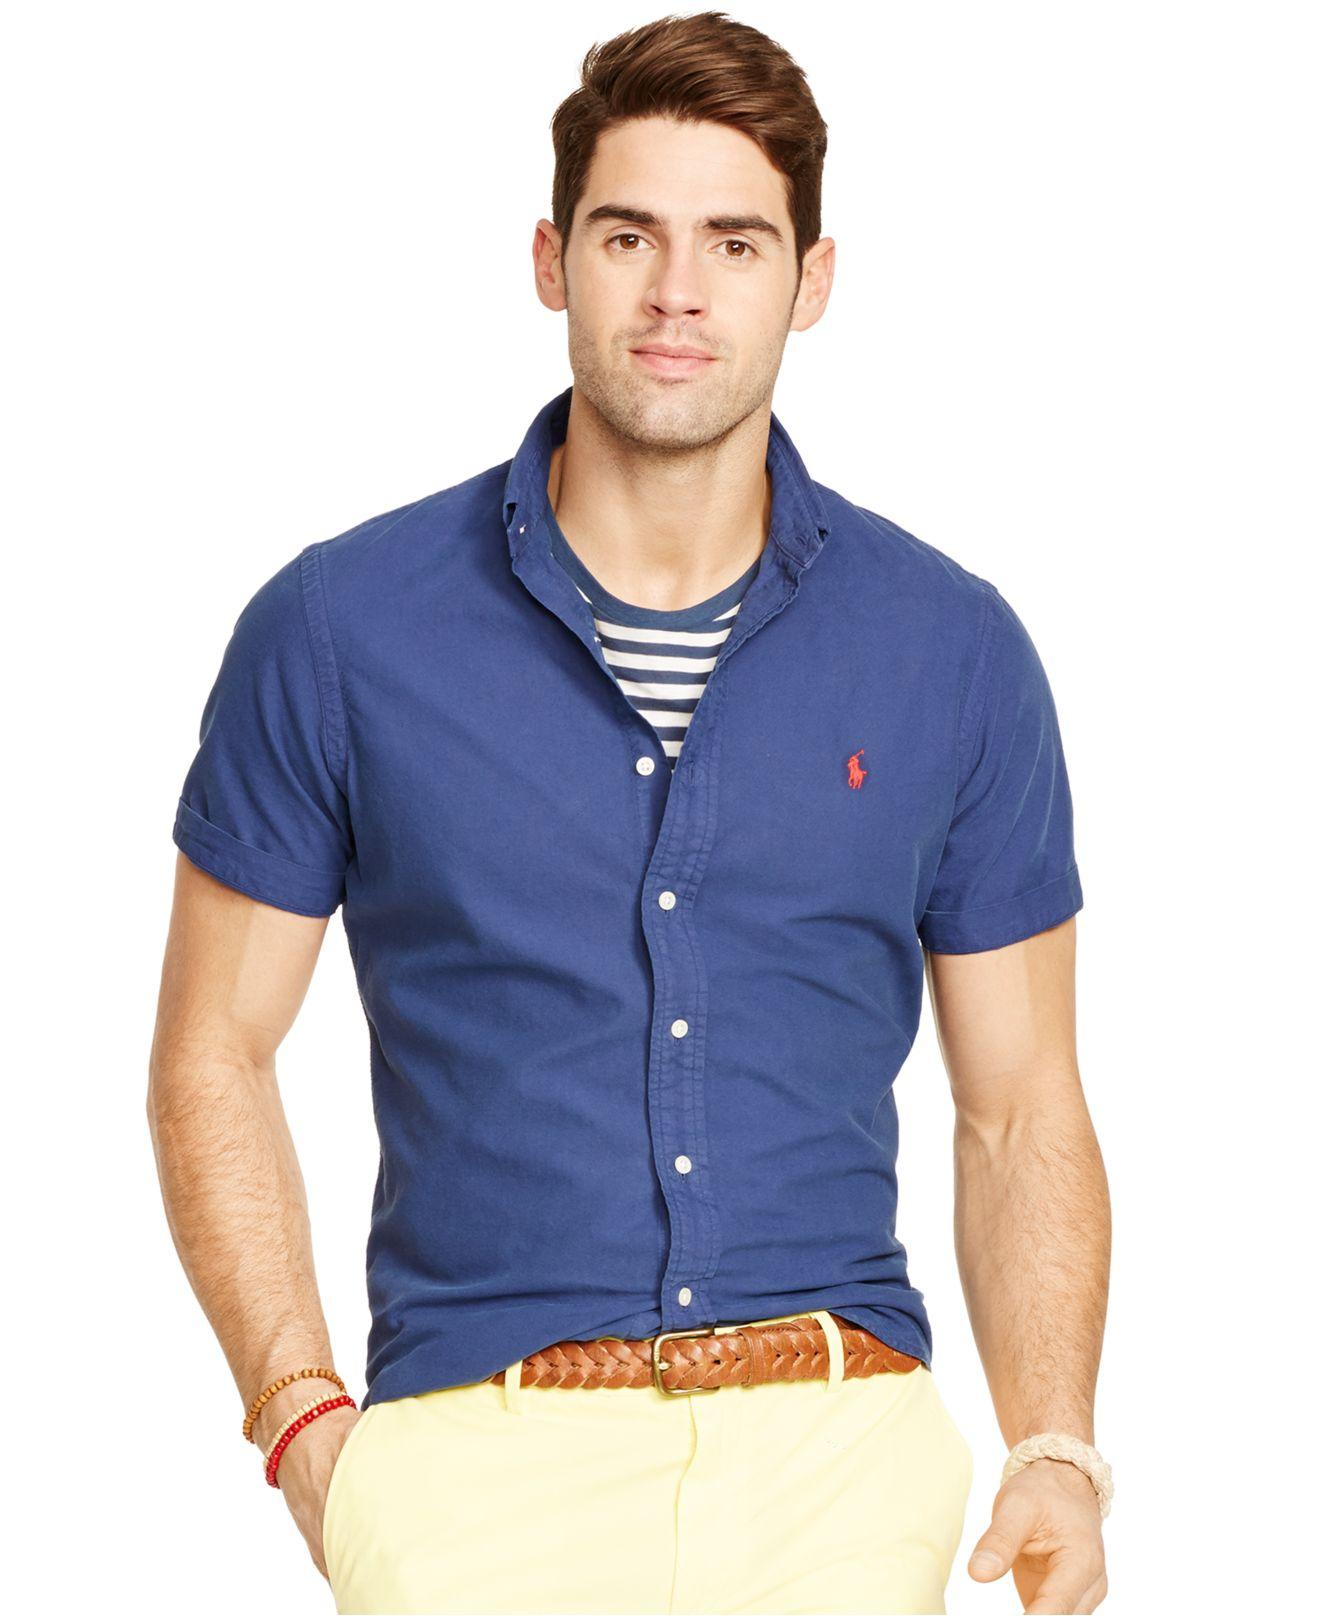 Polo ralph lauren short sleeved oxford shirt in blue for for Ralph lauren polo club shirts